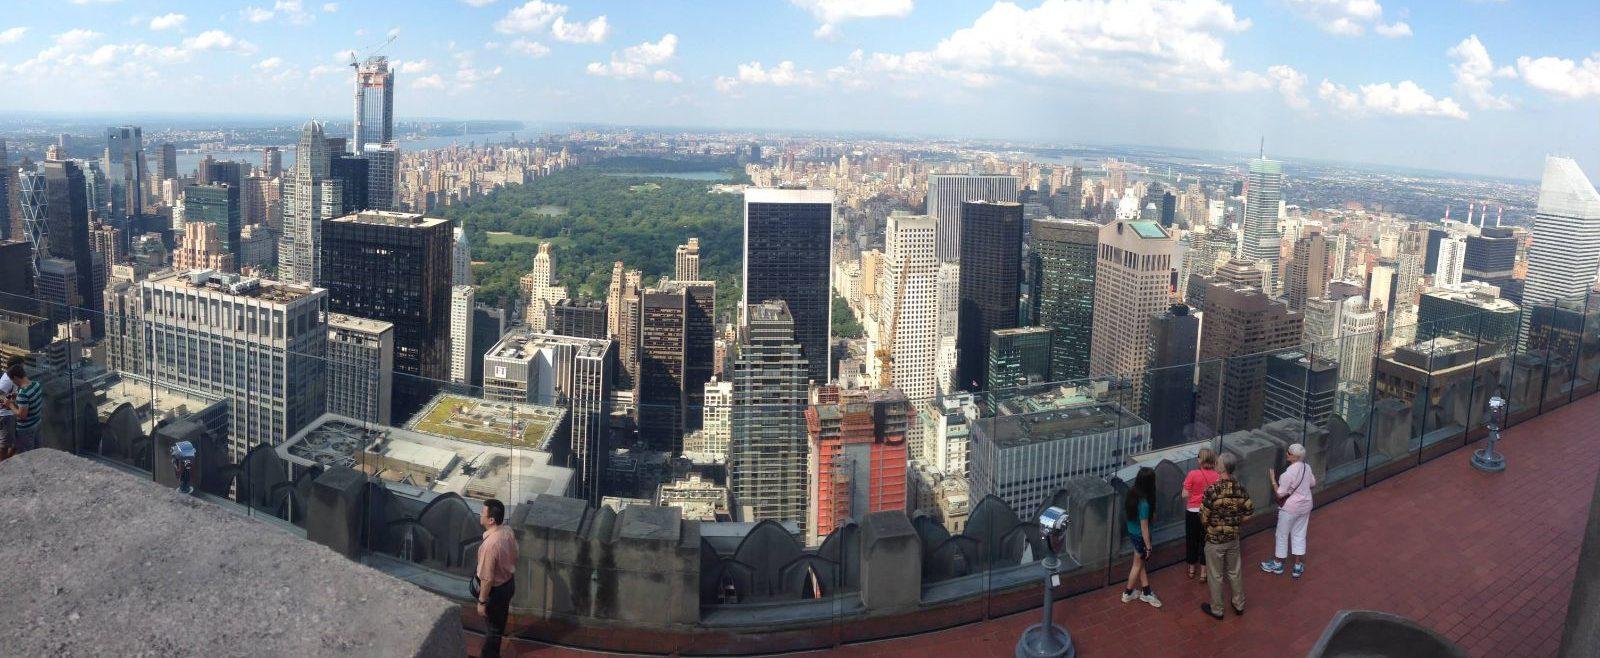 new-york-city-guia-viajes-turismo-viajar-internacional-turistico-e1595271153355